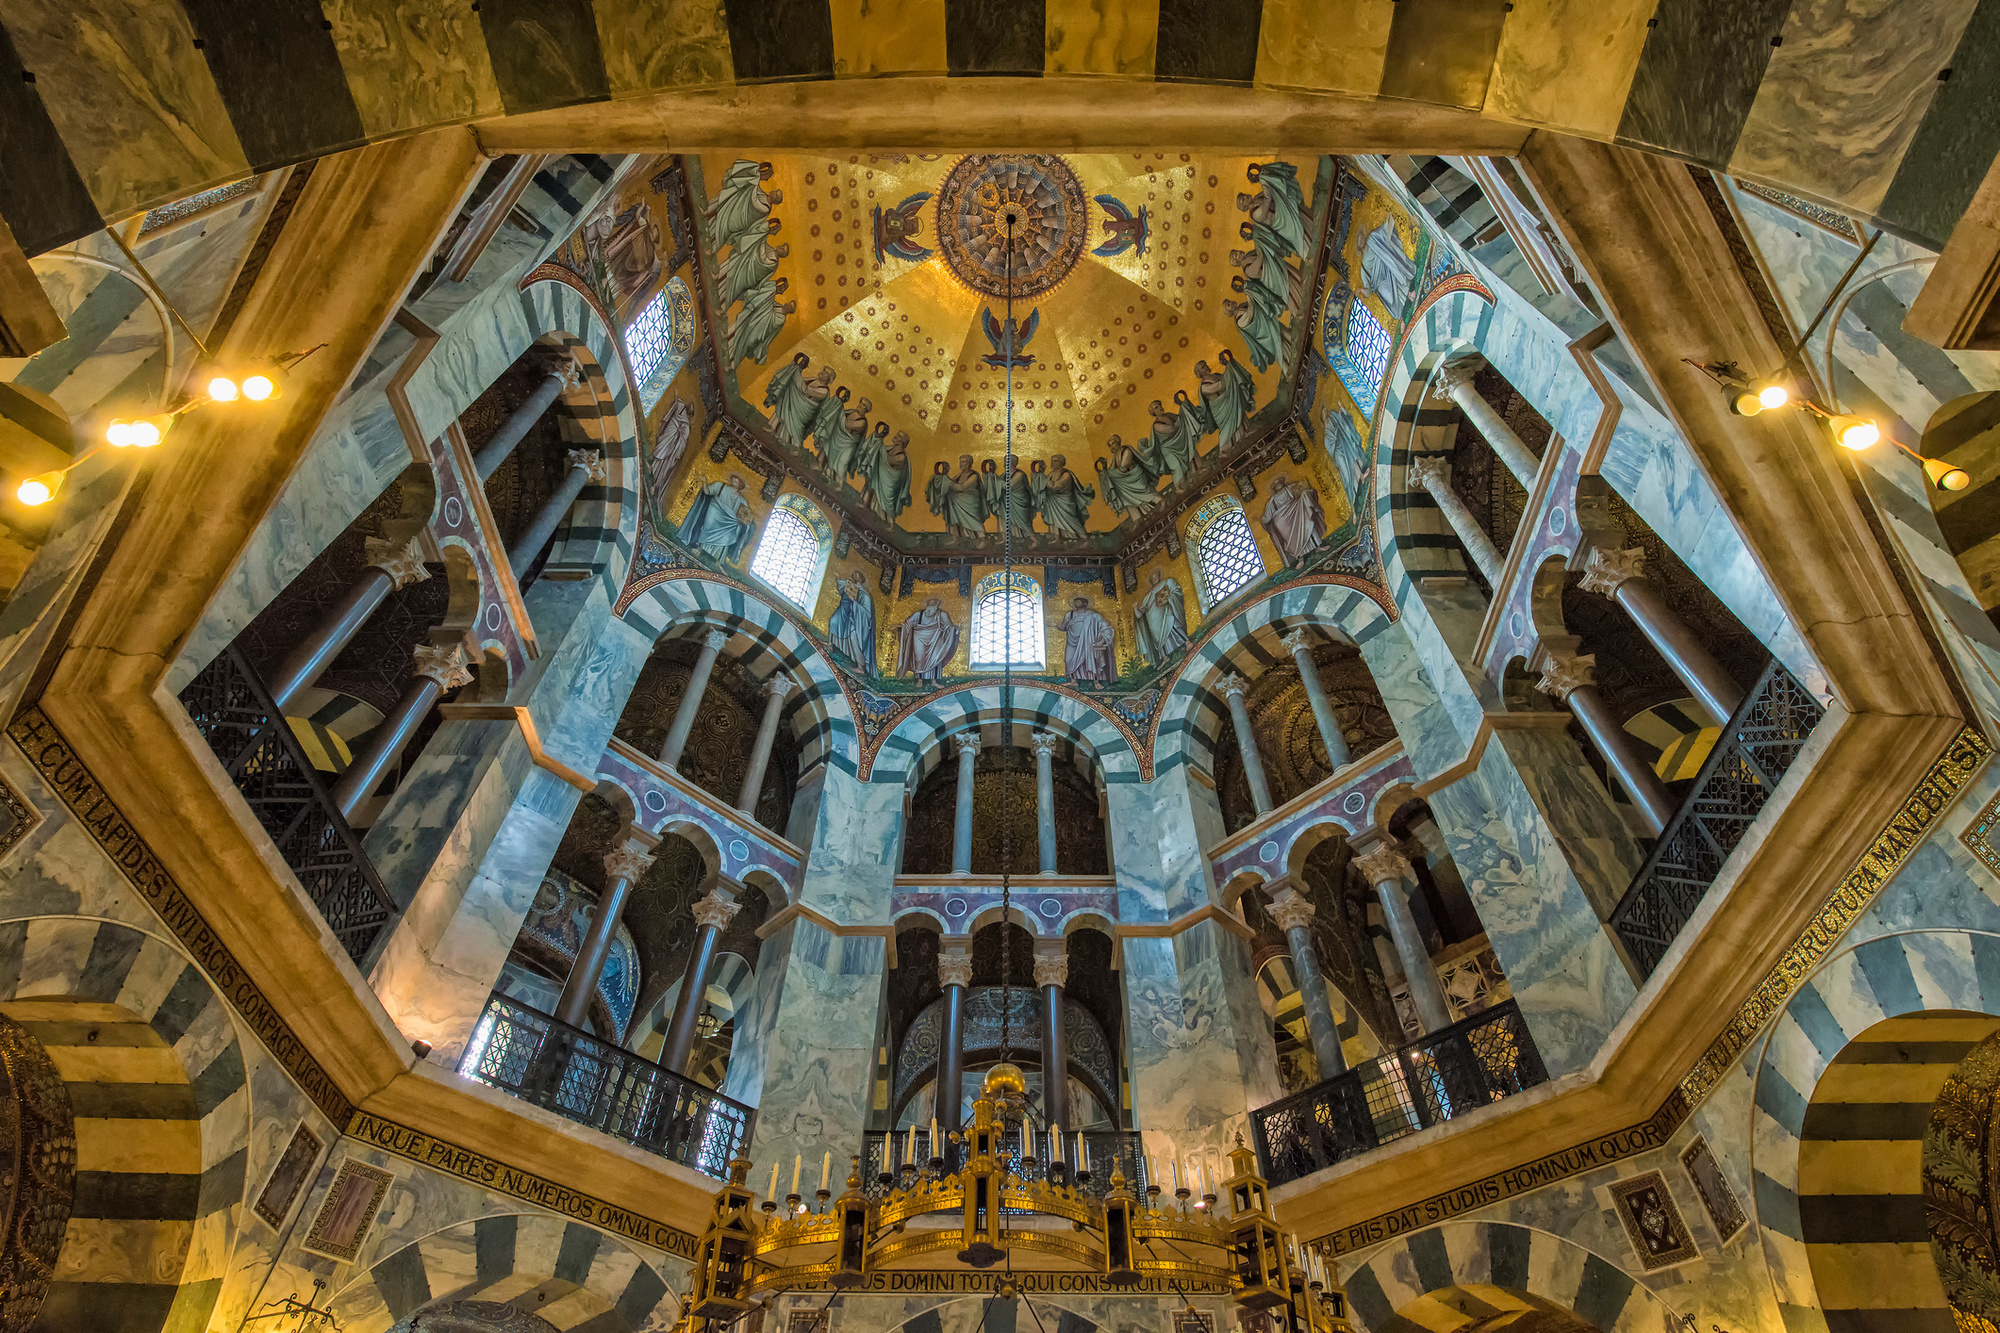 La cathédrale d'Aix-la-Chapelle, patrimoine mondial de l'Unesco, Getty